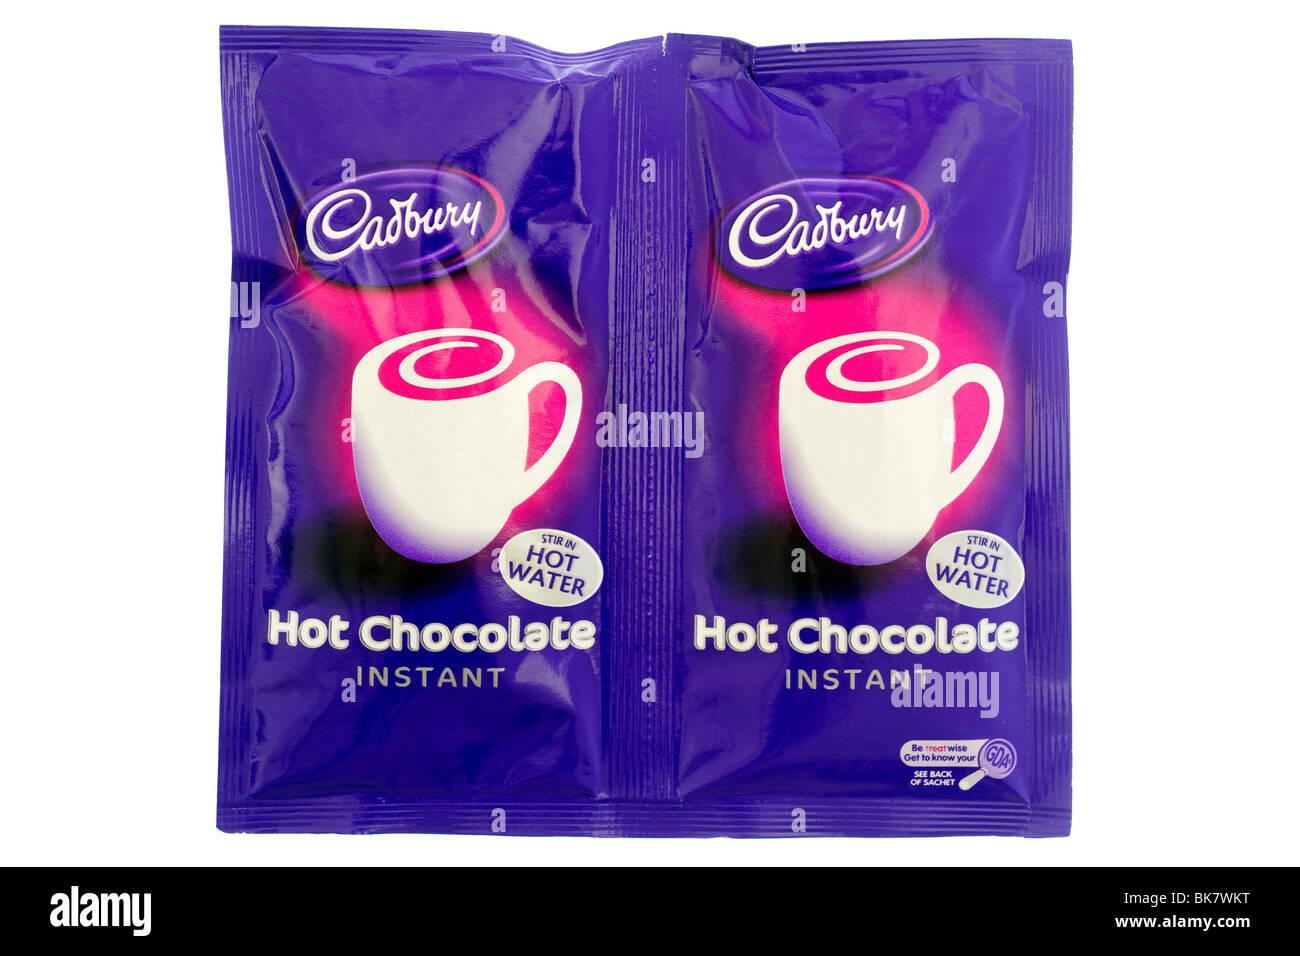 Chocolate Packs Of Chocolate Stock Photos Chocolate Packs